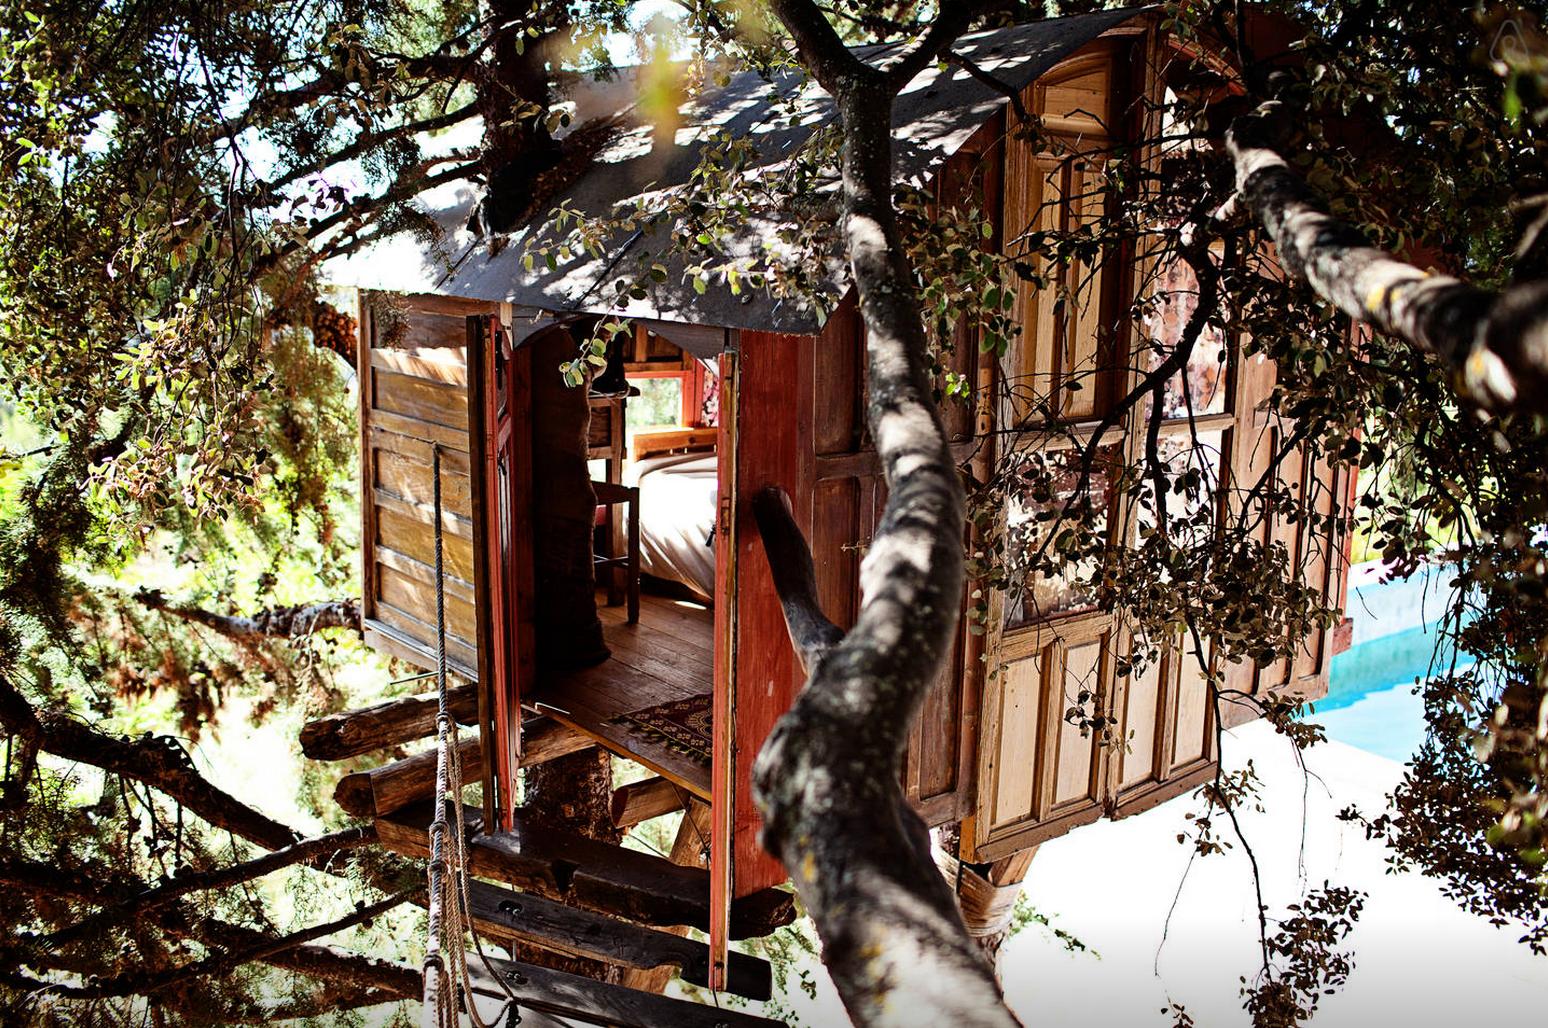 Passer la nuit dans une cabane dans les arbres en Espagne grâce à Airbnb